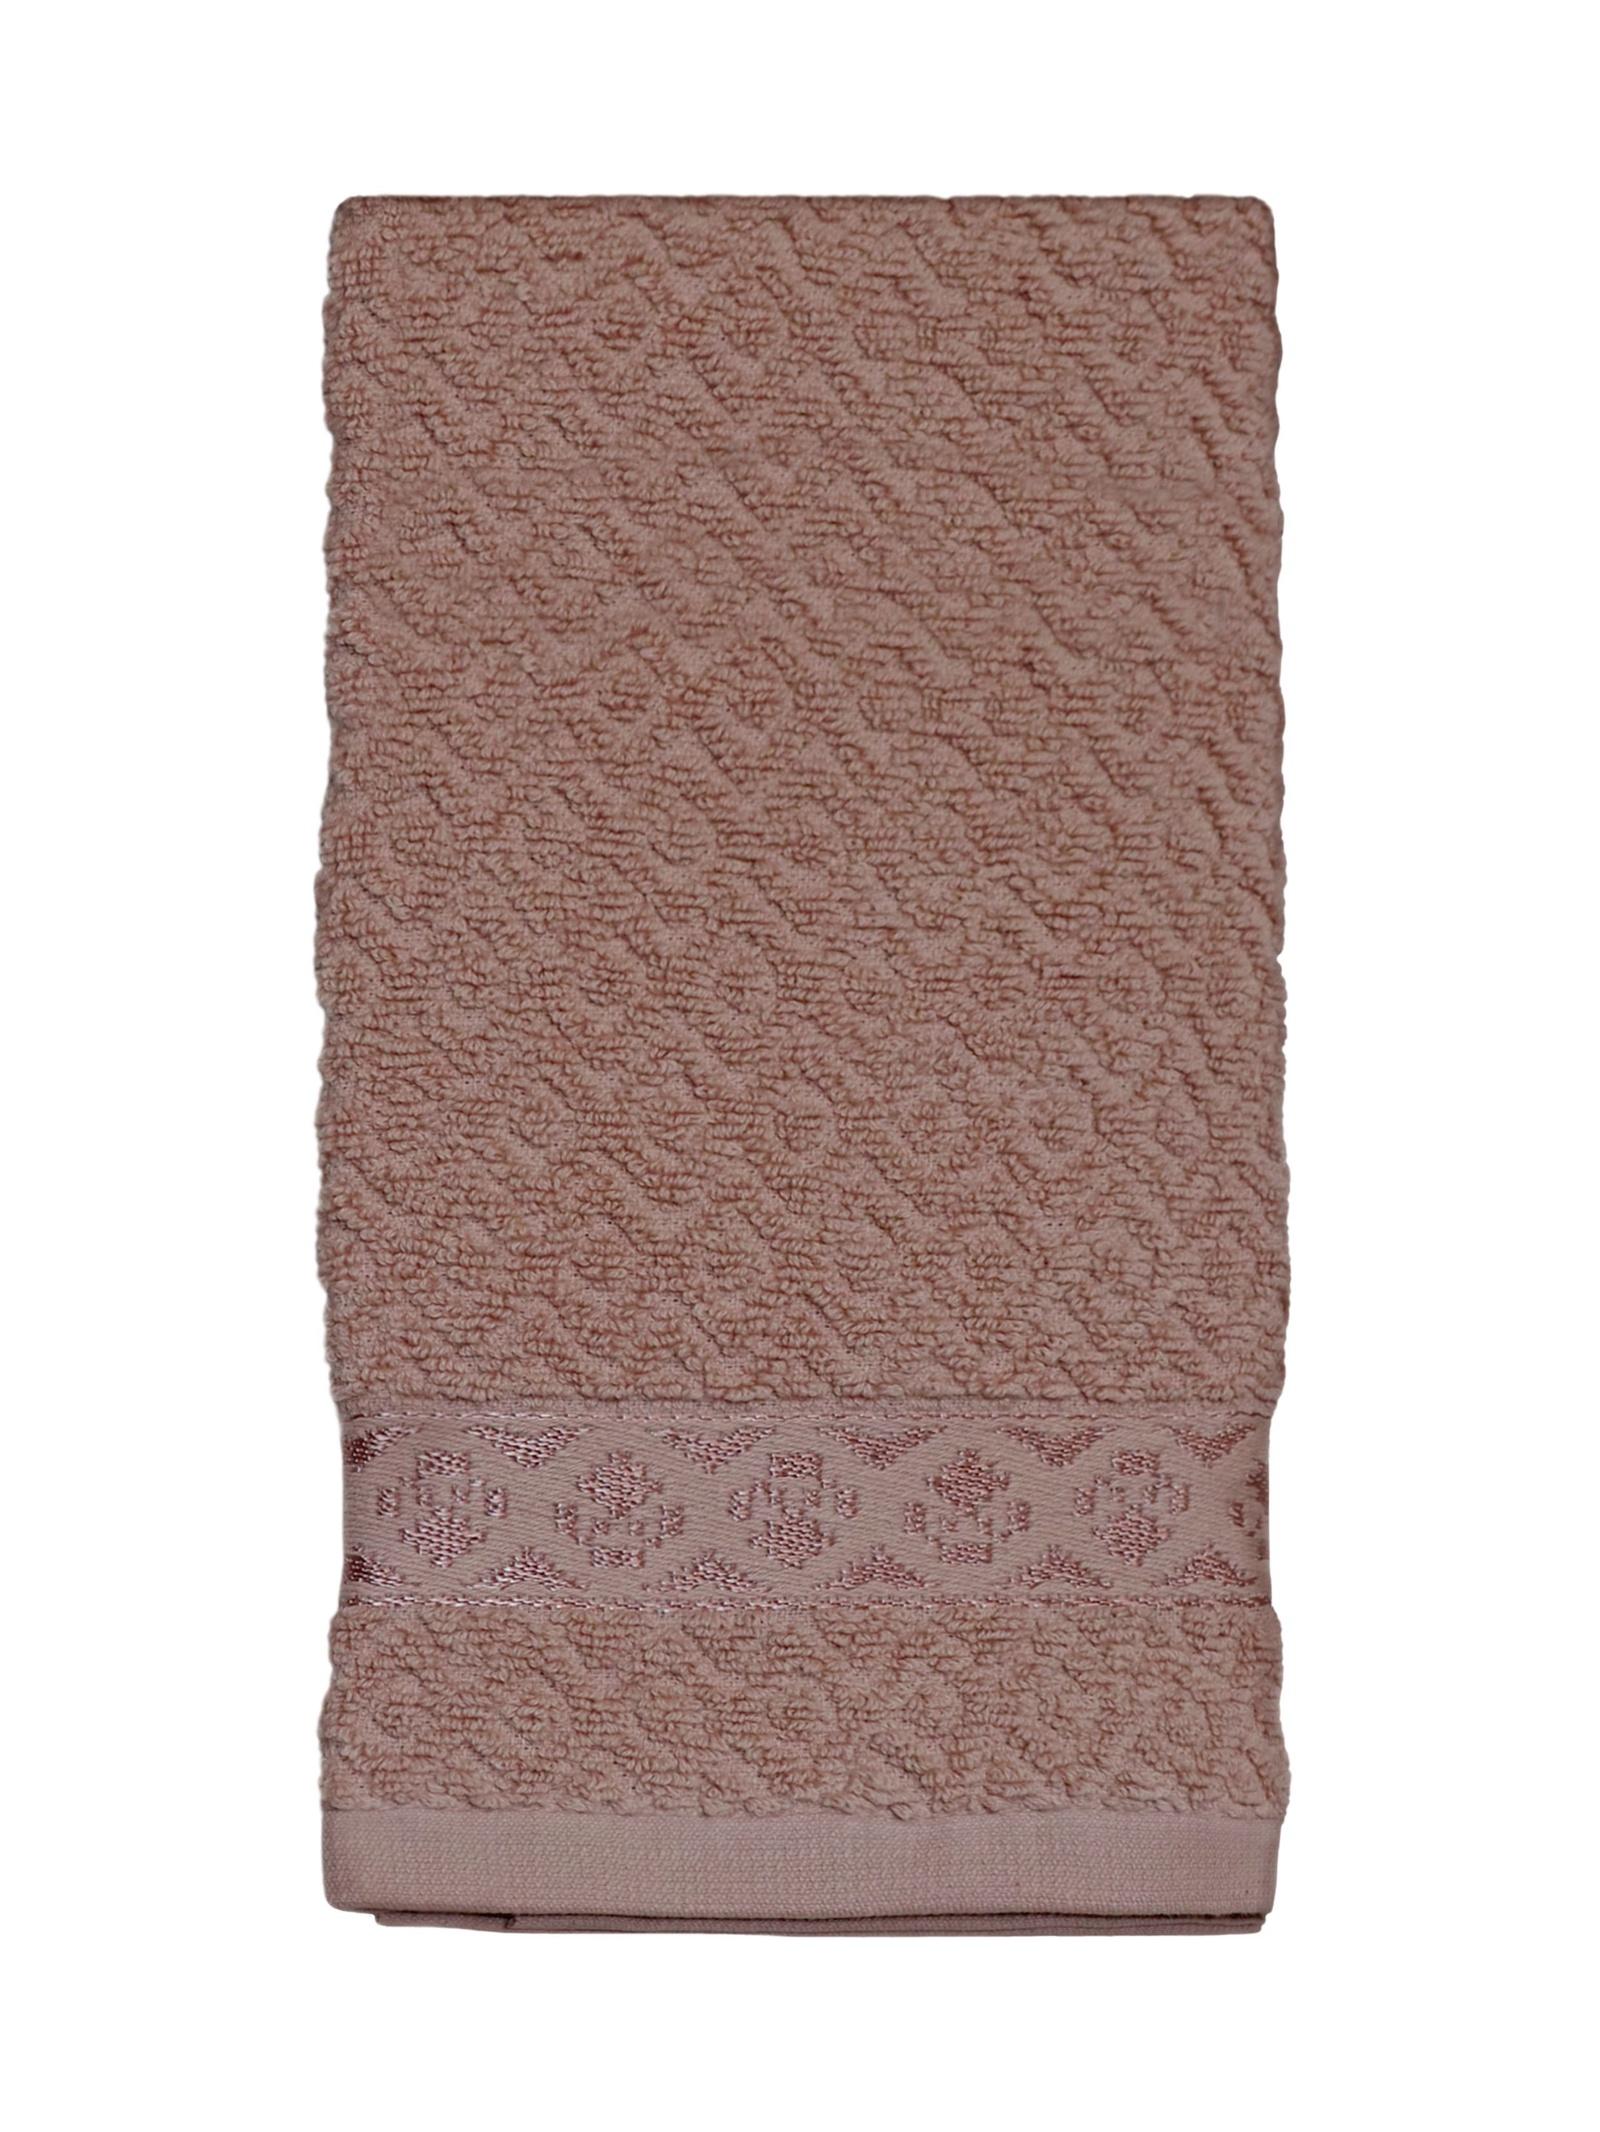 Полотенце кухонное DeНАСТИЯ кухонное, 40х60 см, бежевый полотенце кухонное мультидом русский стиль 42 72 см